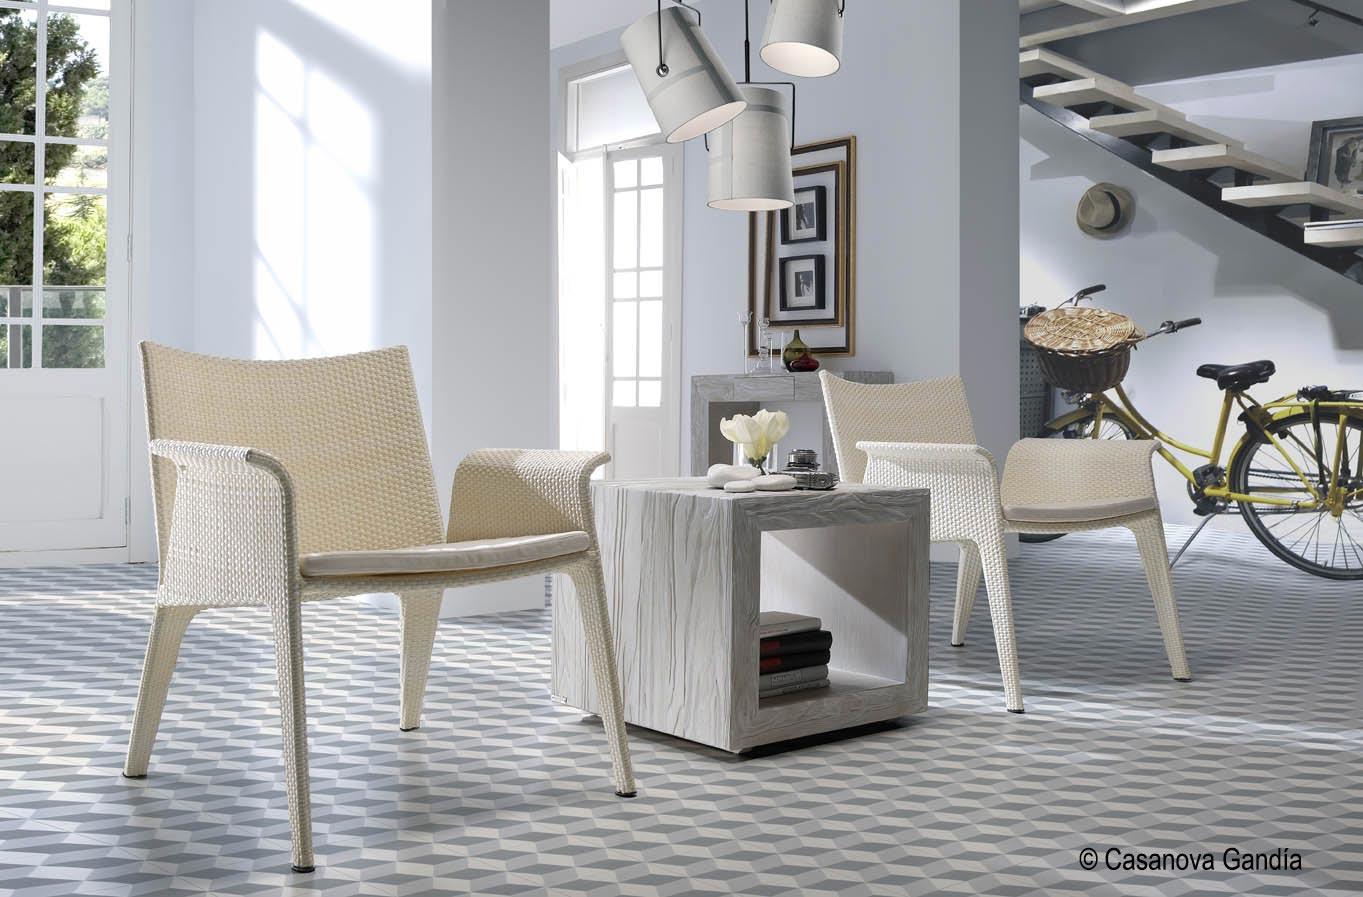 Renovar tu hogar con muebles casanova gandia for Renovar hogar